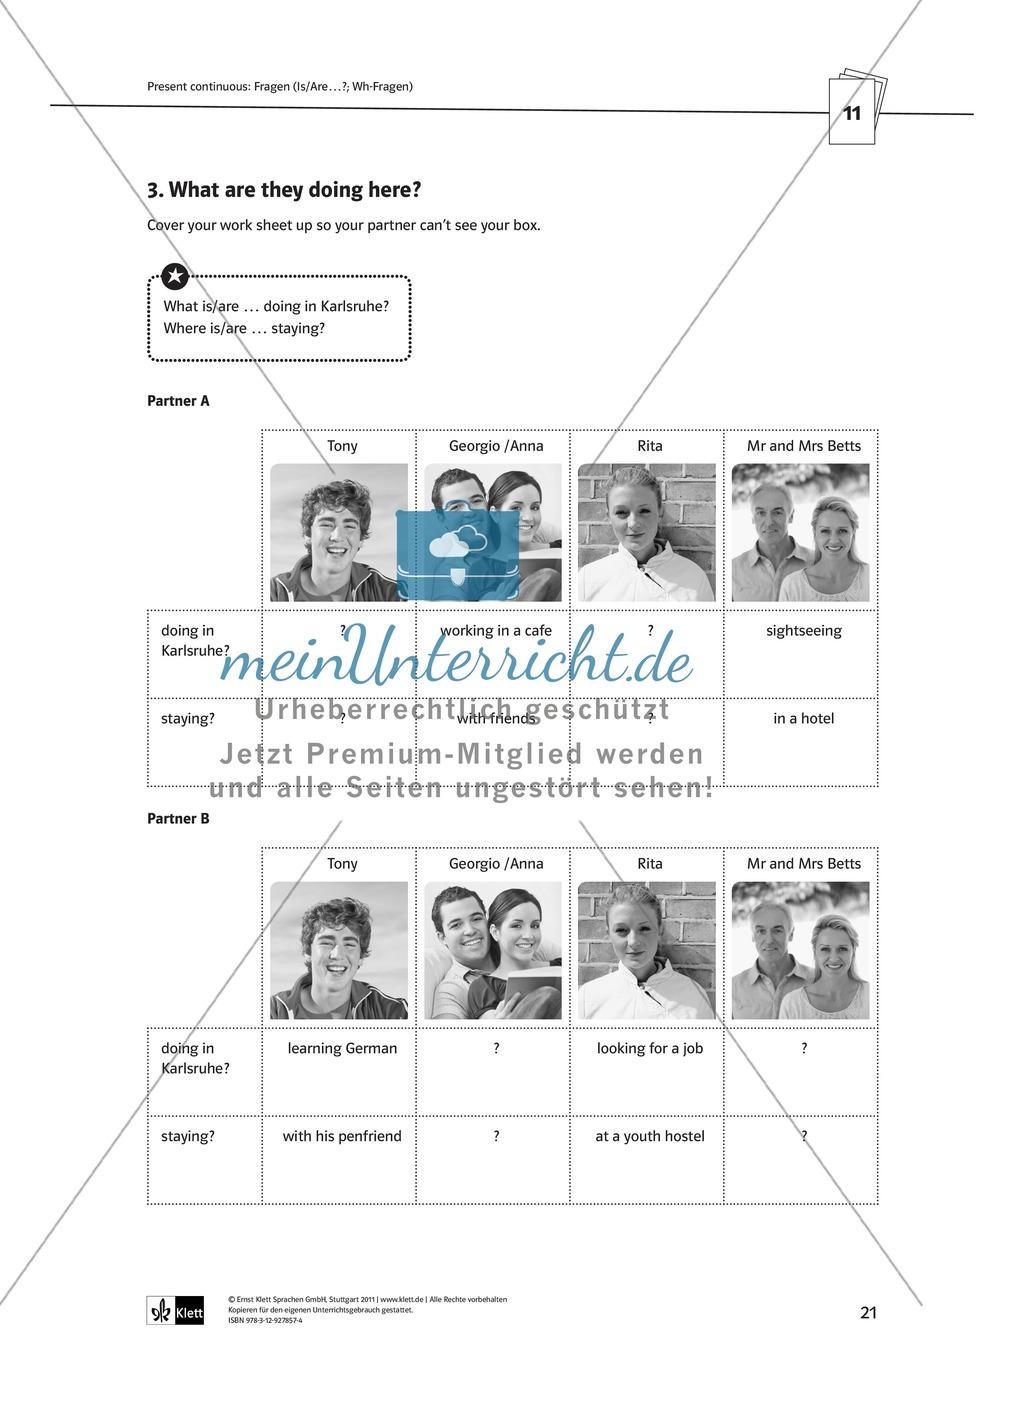 Arbeitsblätter für einen kommunikativen Grammatikunterricht: Present continuous Preview 4